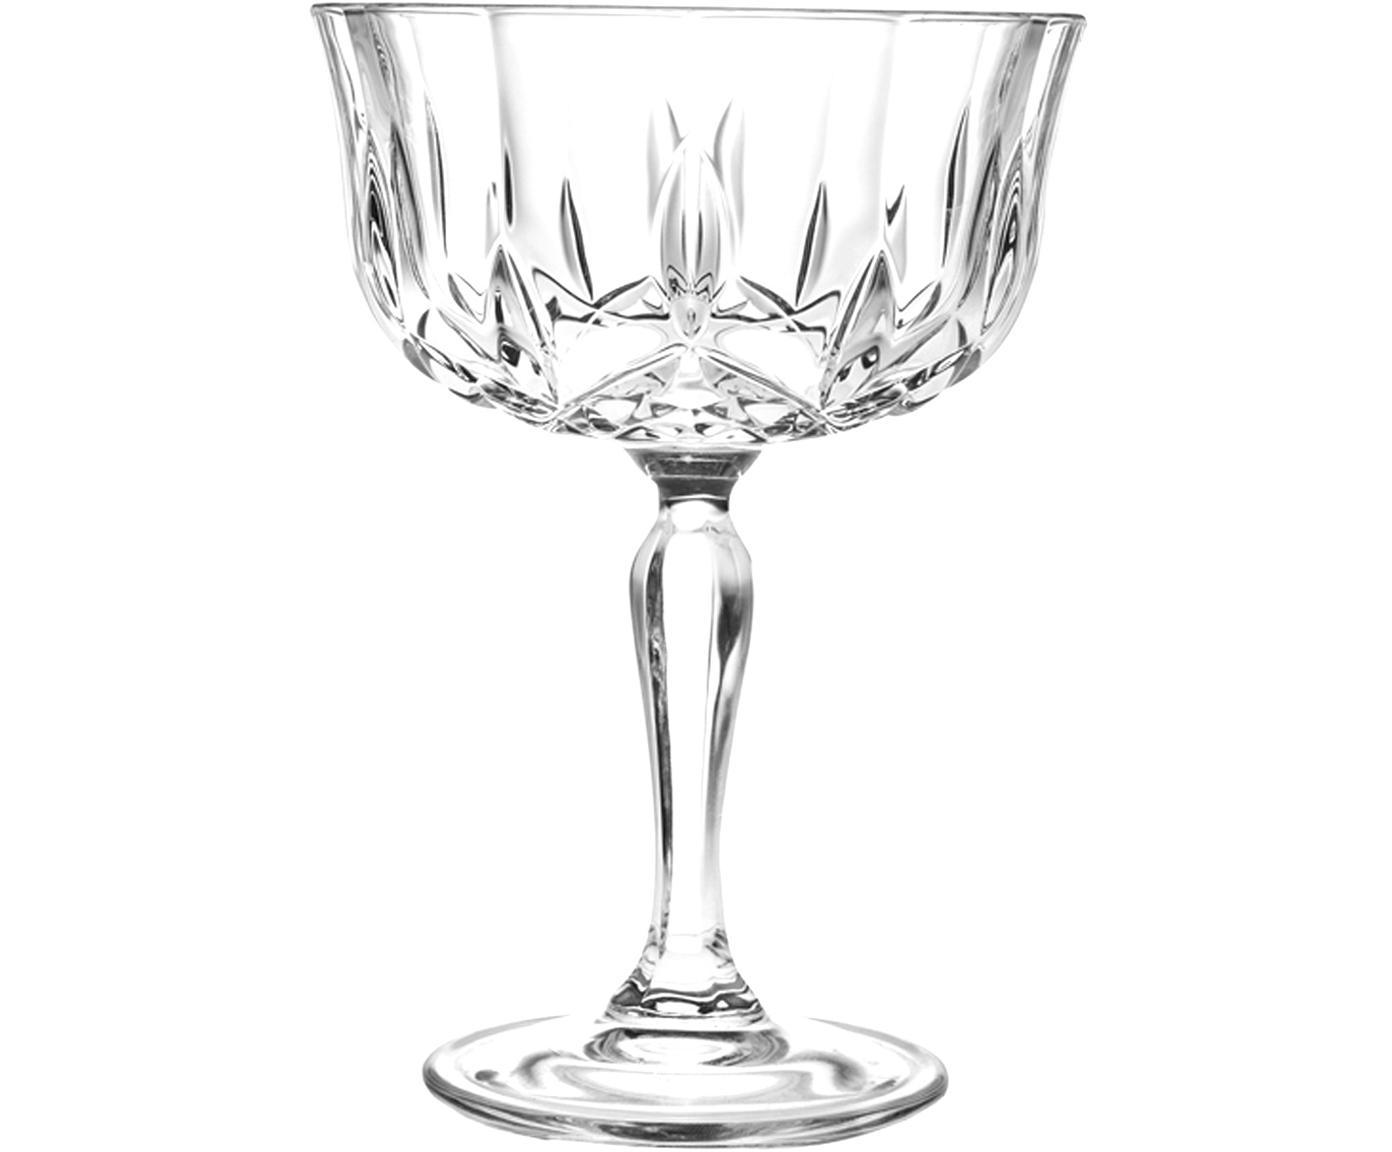 Kristall-Champagnerschalen Opera mit Reliefmuster, 6er-Set, Luxion-Kristallglas, Transparent, Ø 10 x H 14 cm